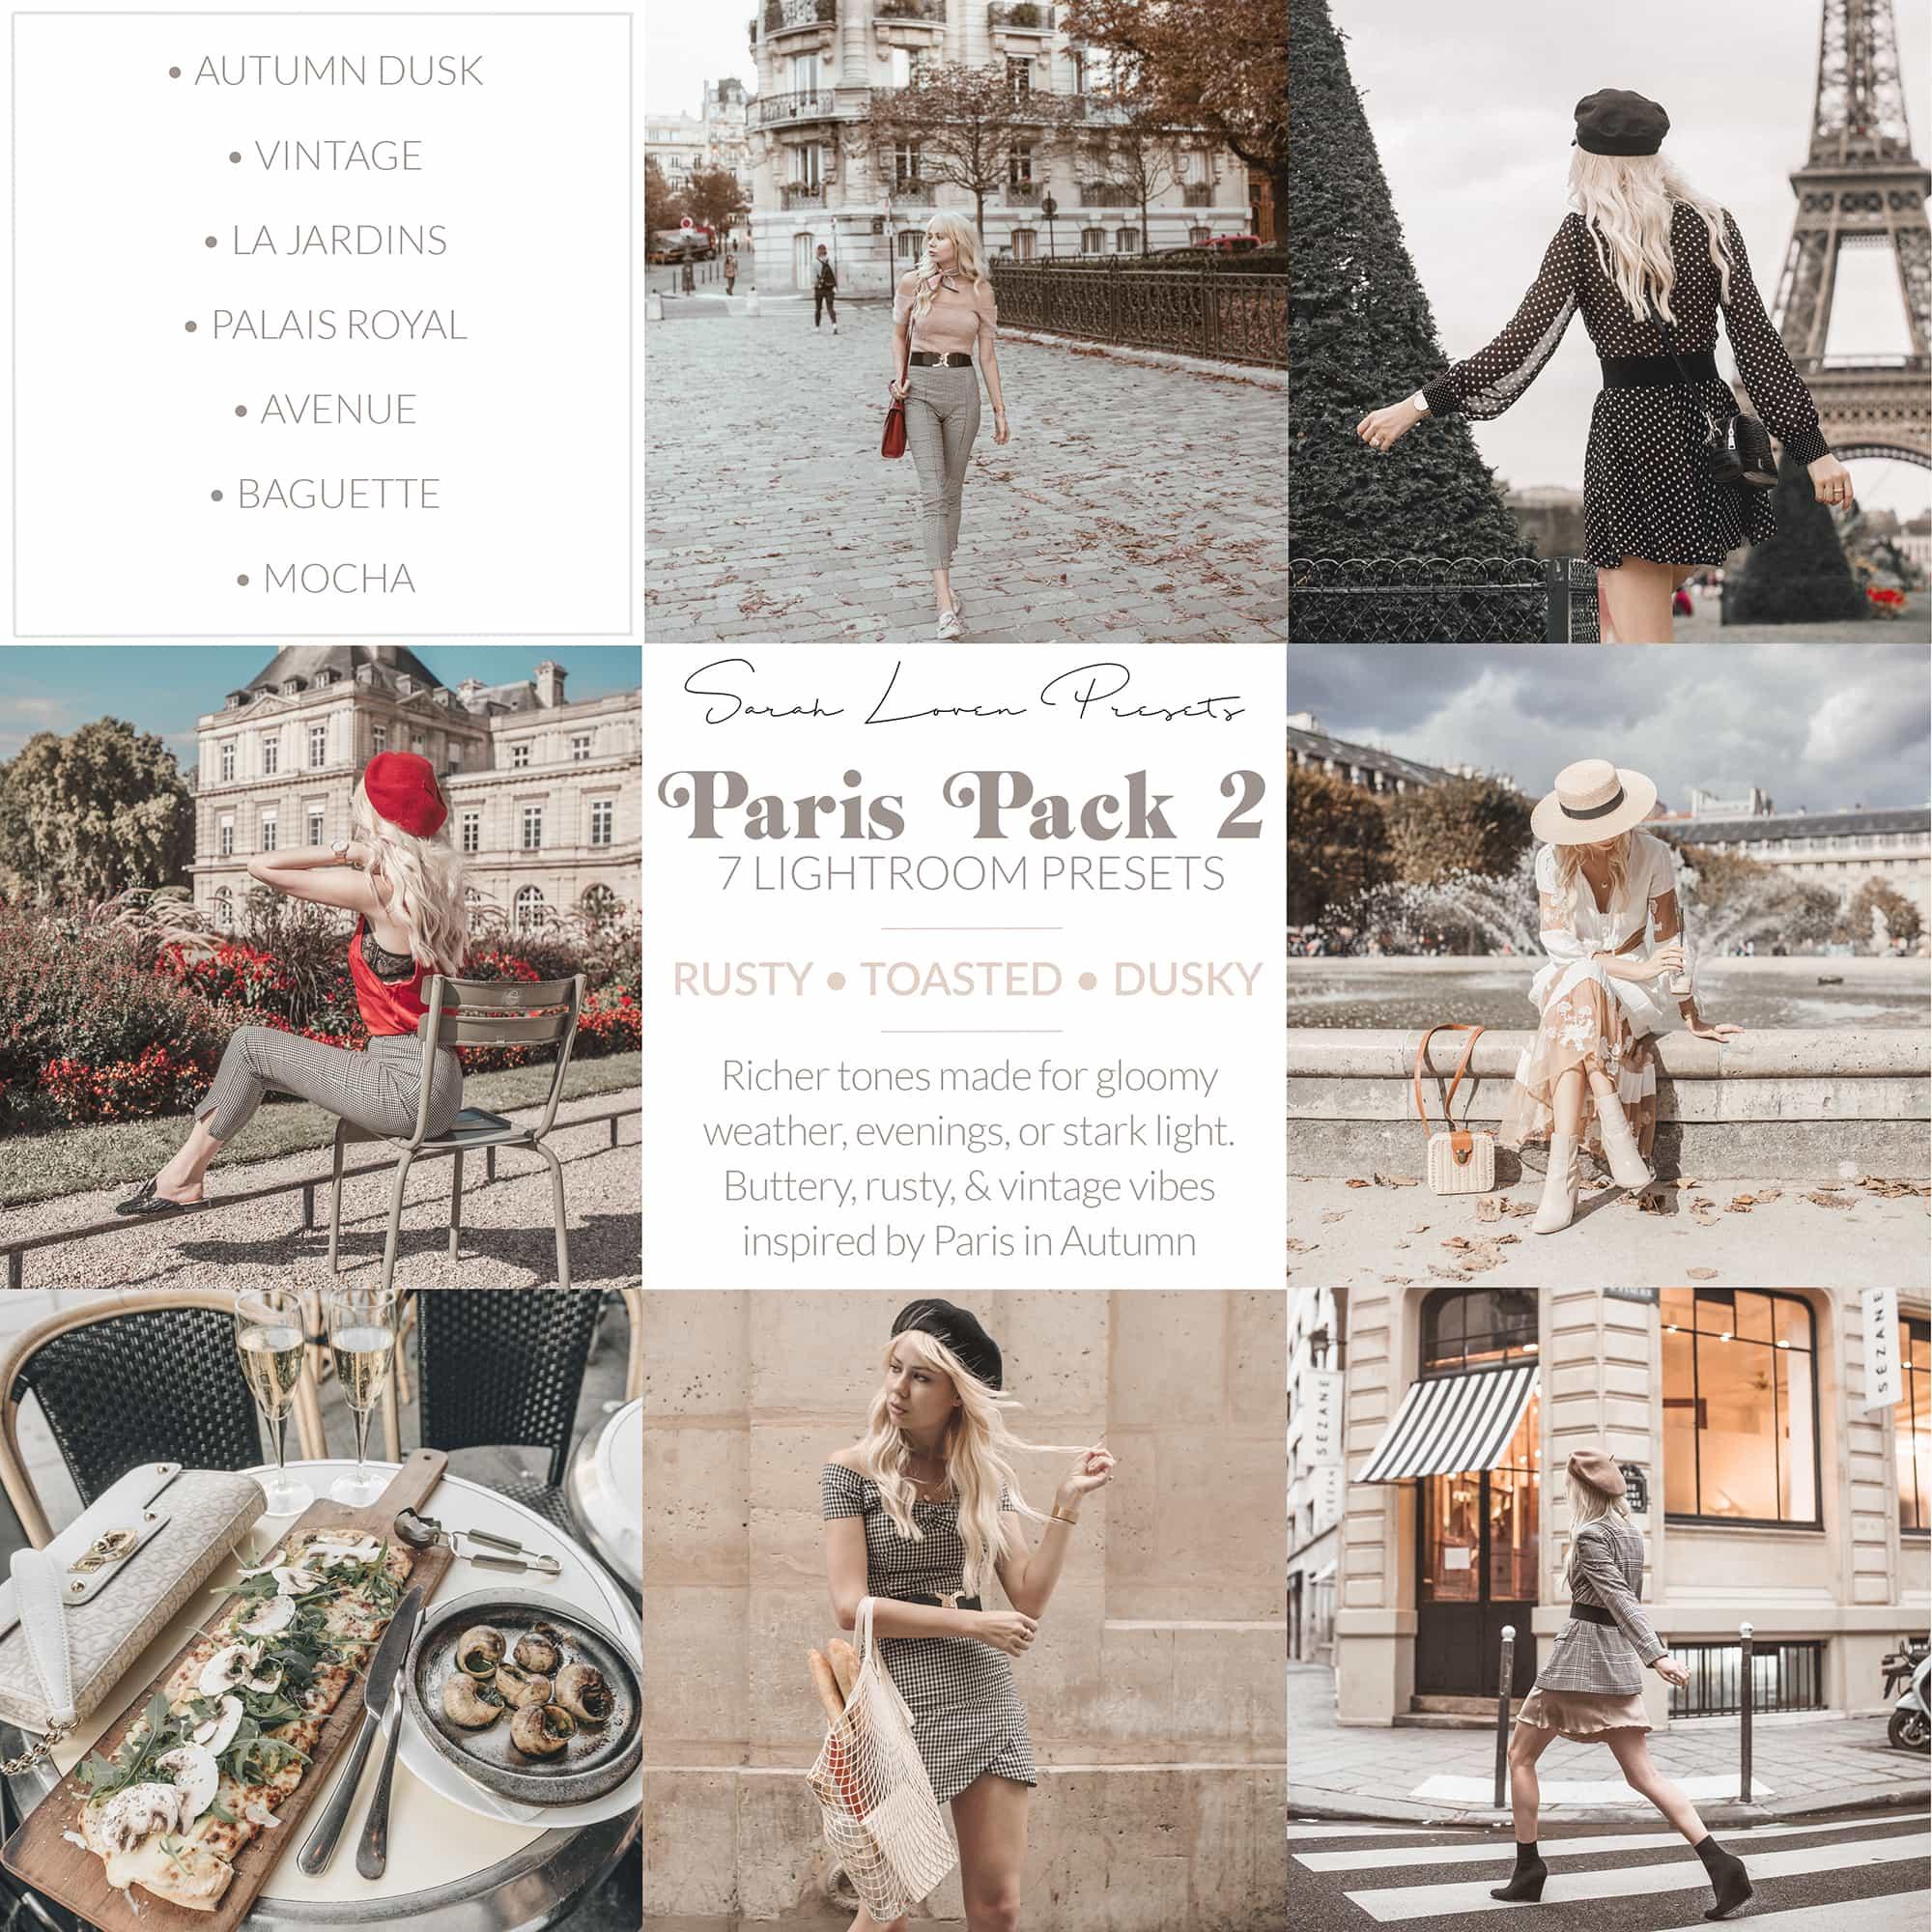 Paris Pack 2